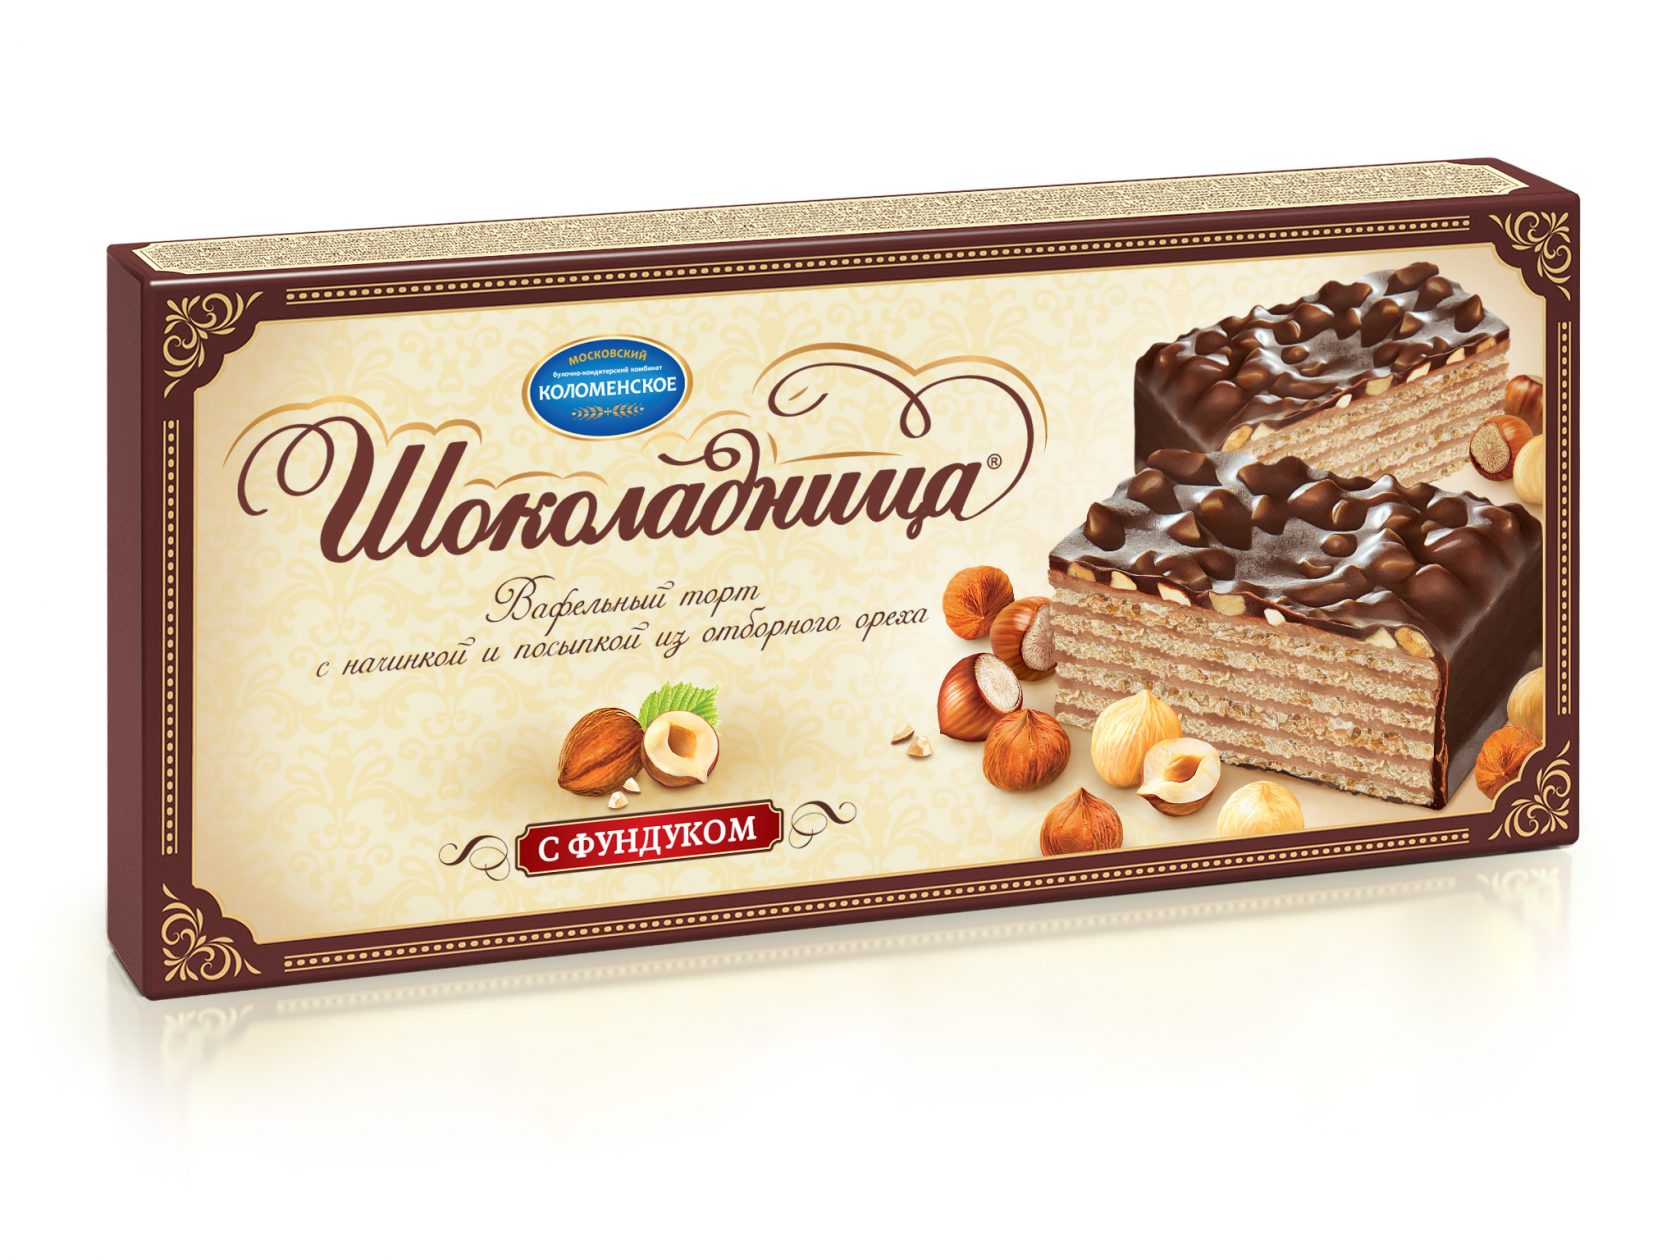 Торт «Коломенское» Шоколадница 240г Классический